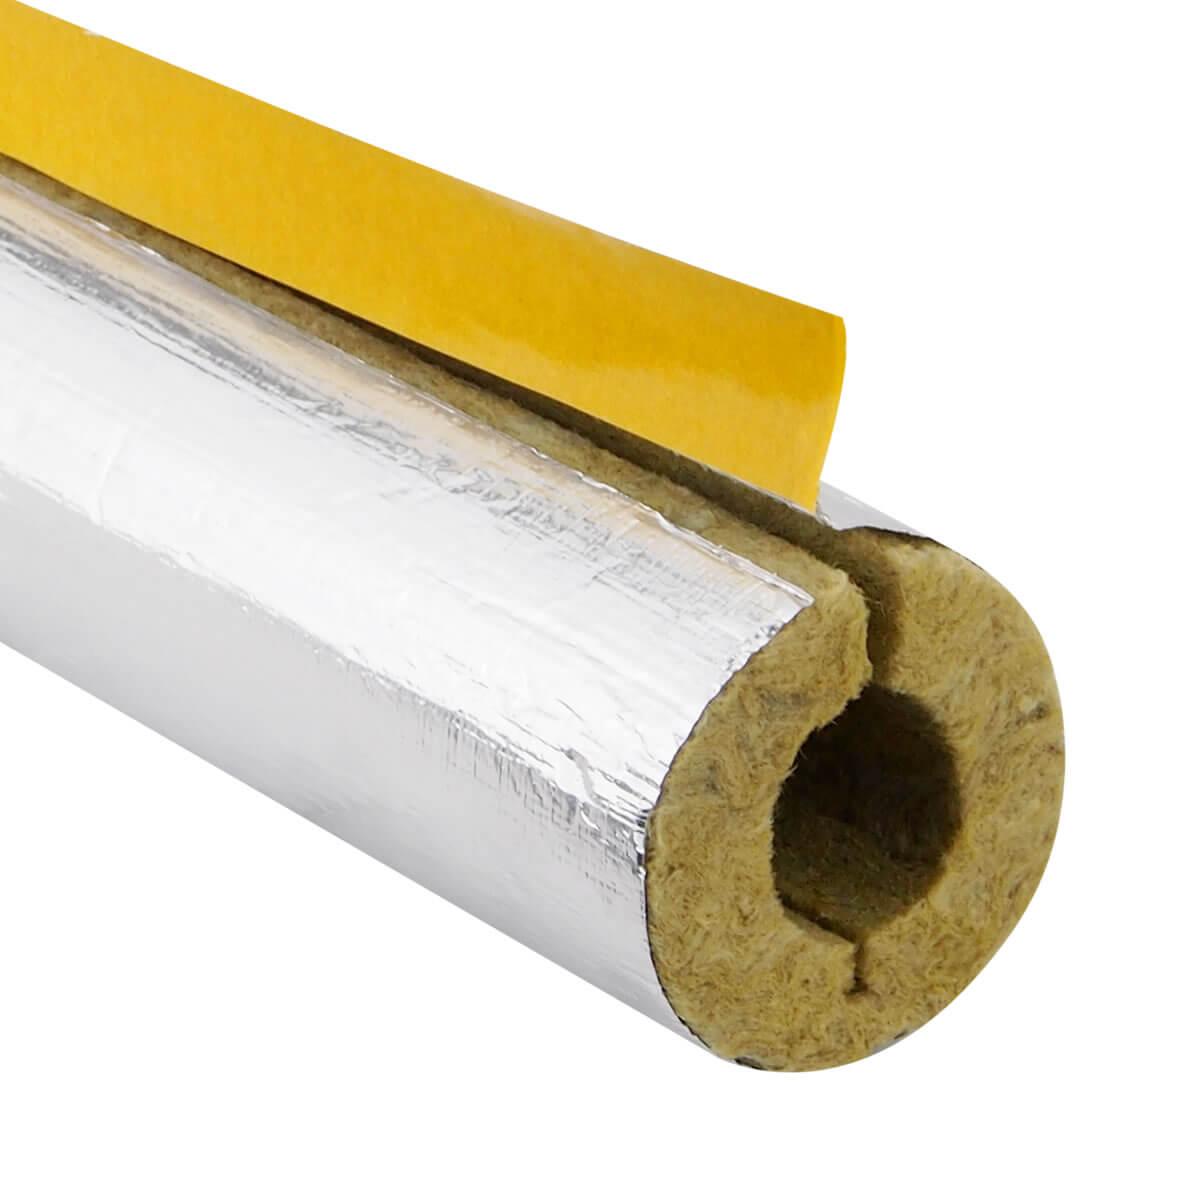 Isolierung Rohrschale Alu alukaschiert aus Steinwolle ab 1,00 €//m